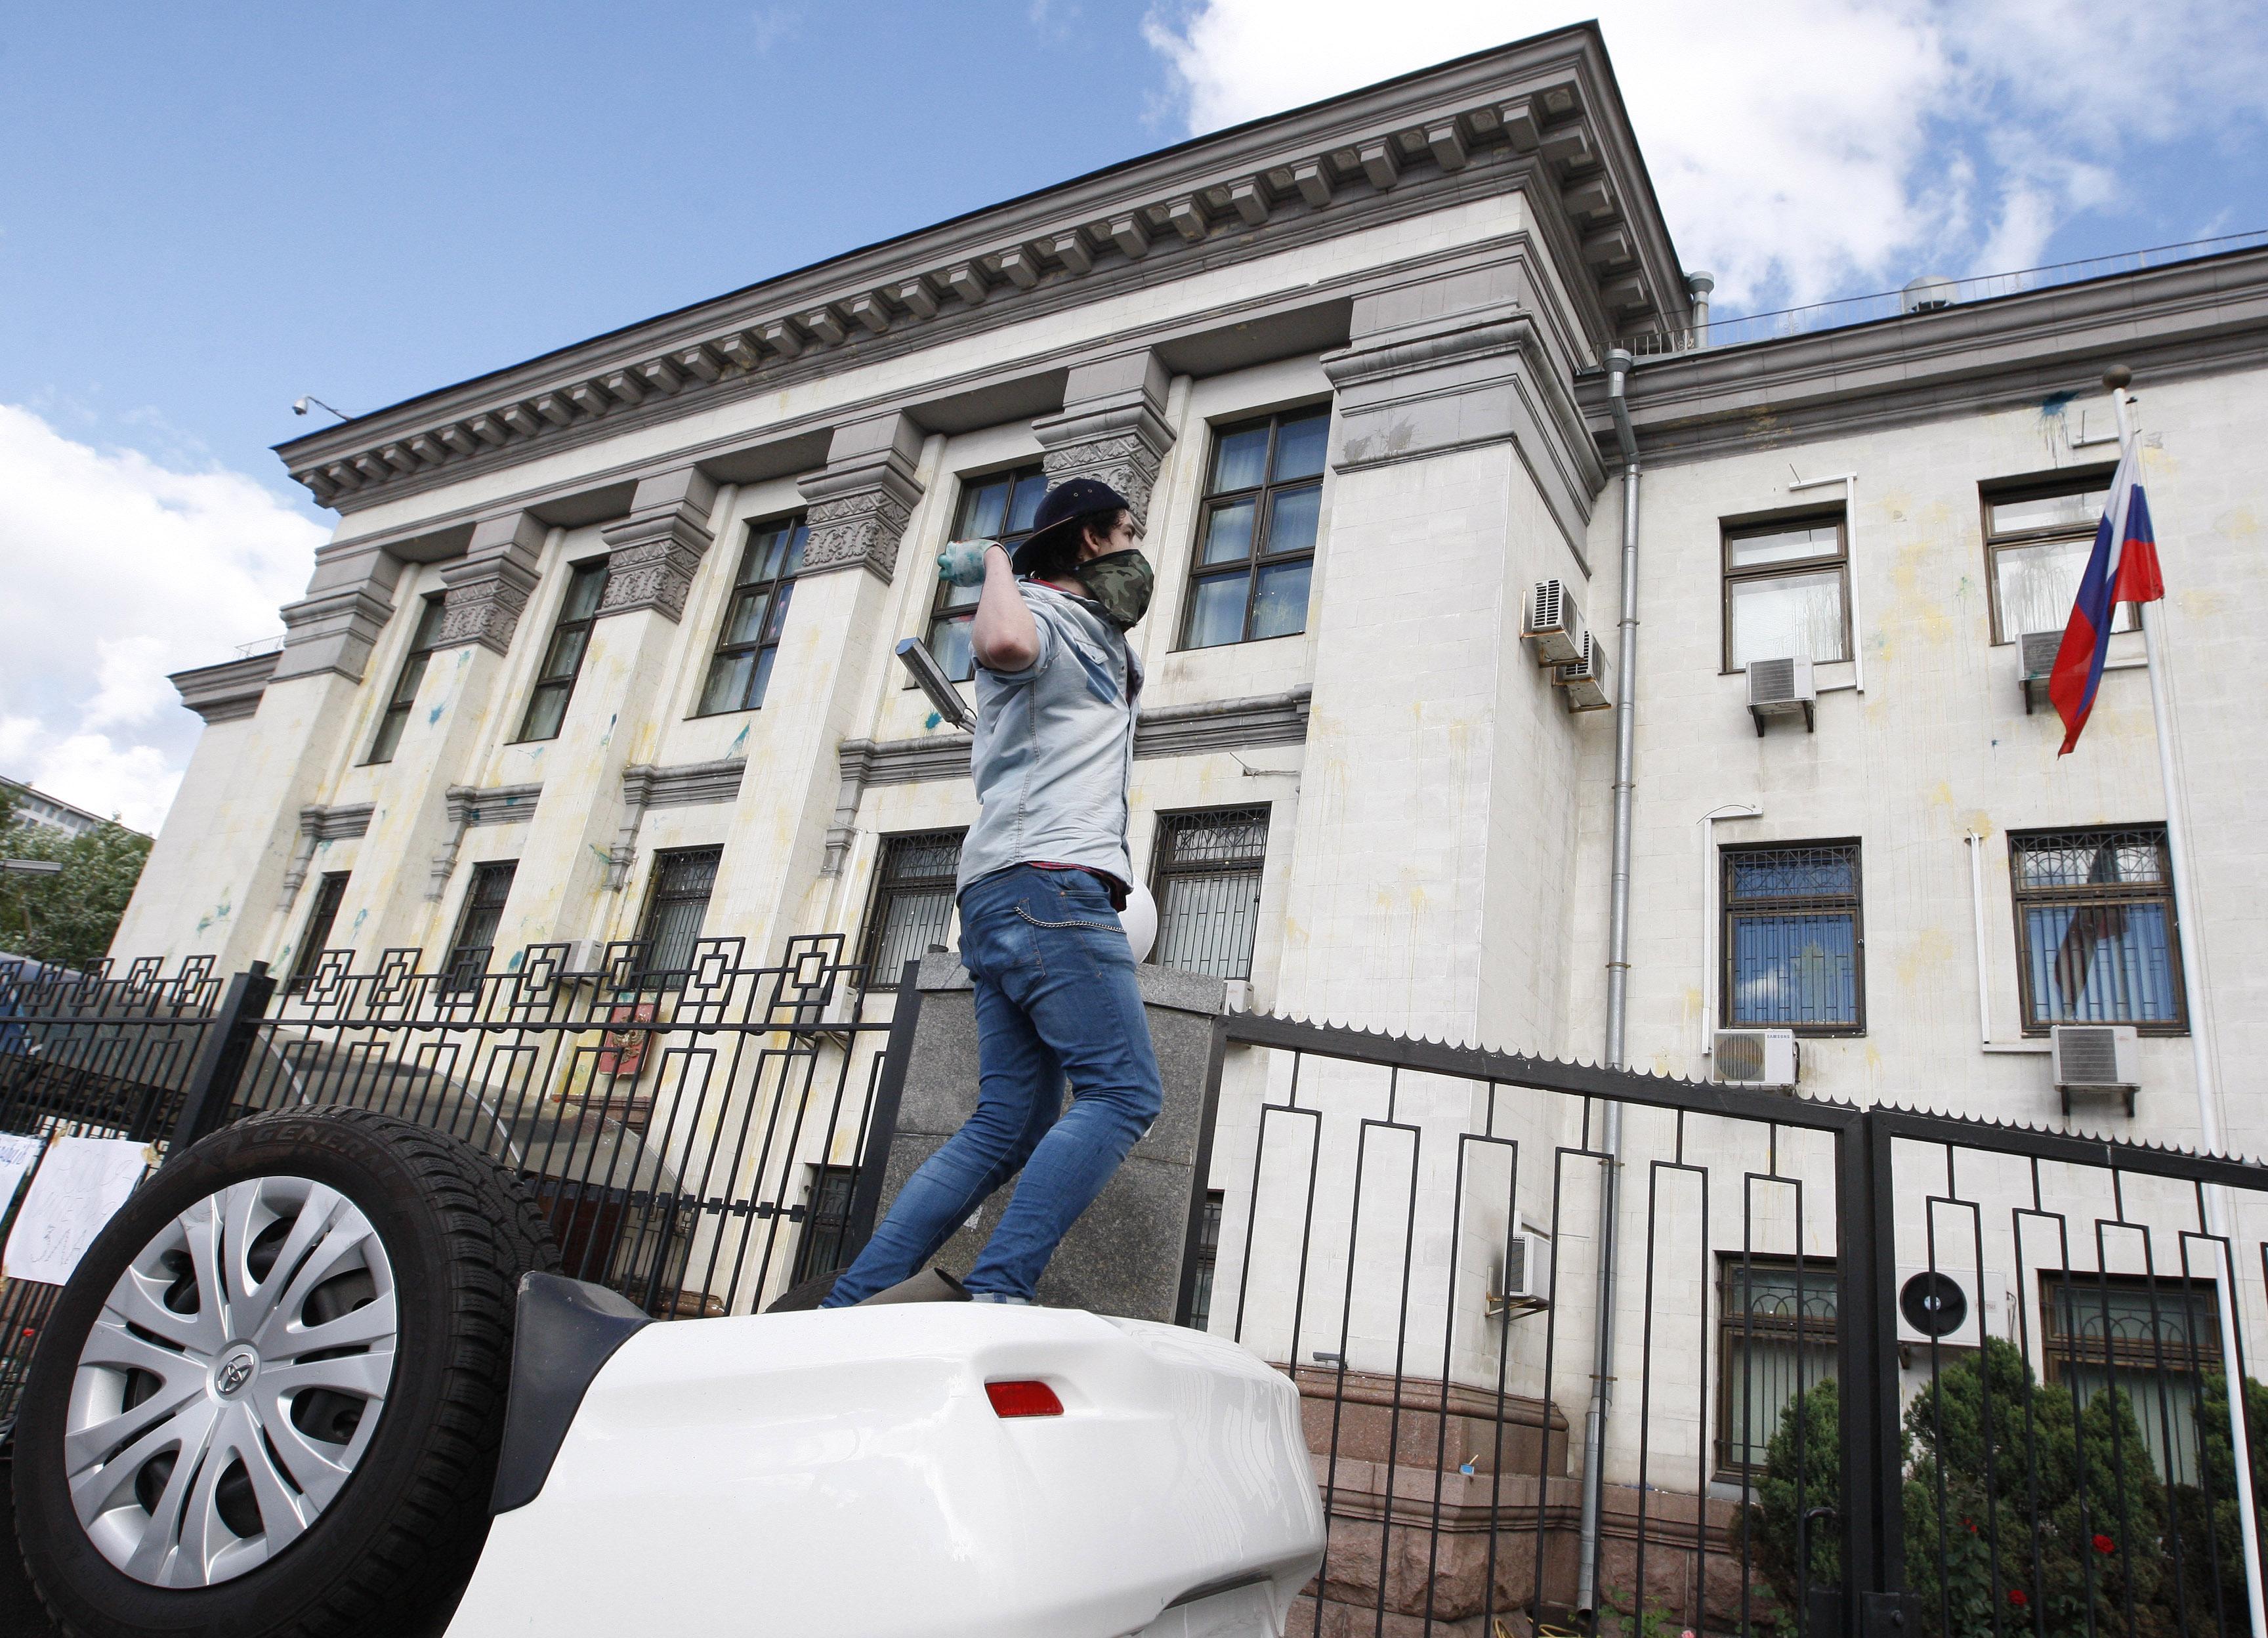 Беспорядки у российского посольства в Киеве